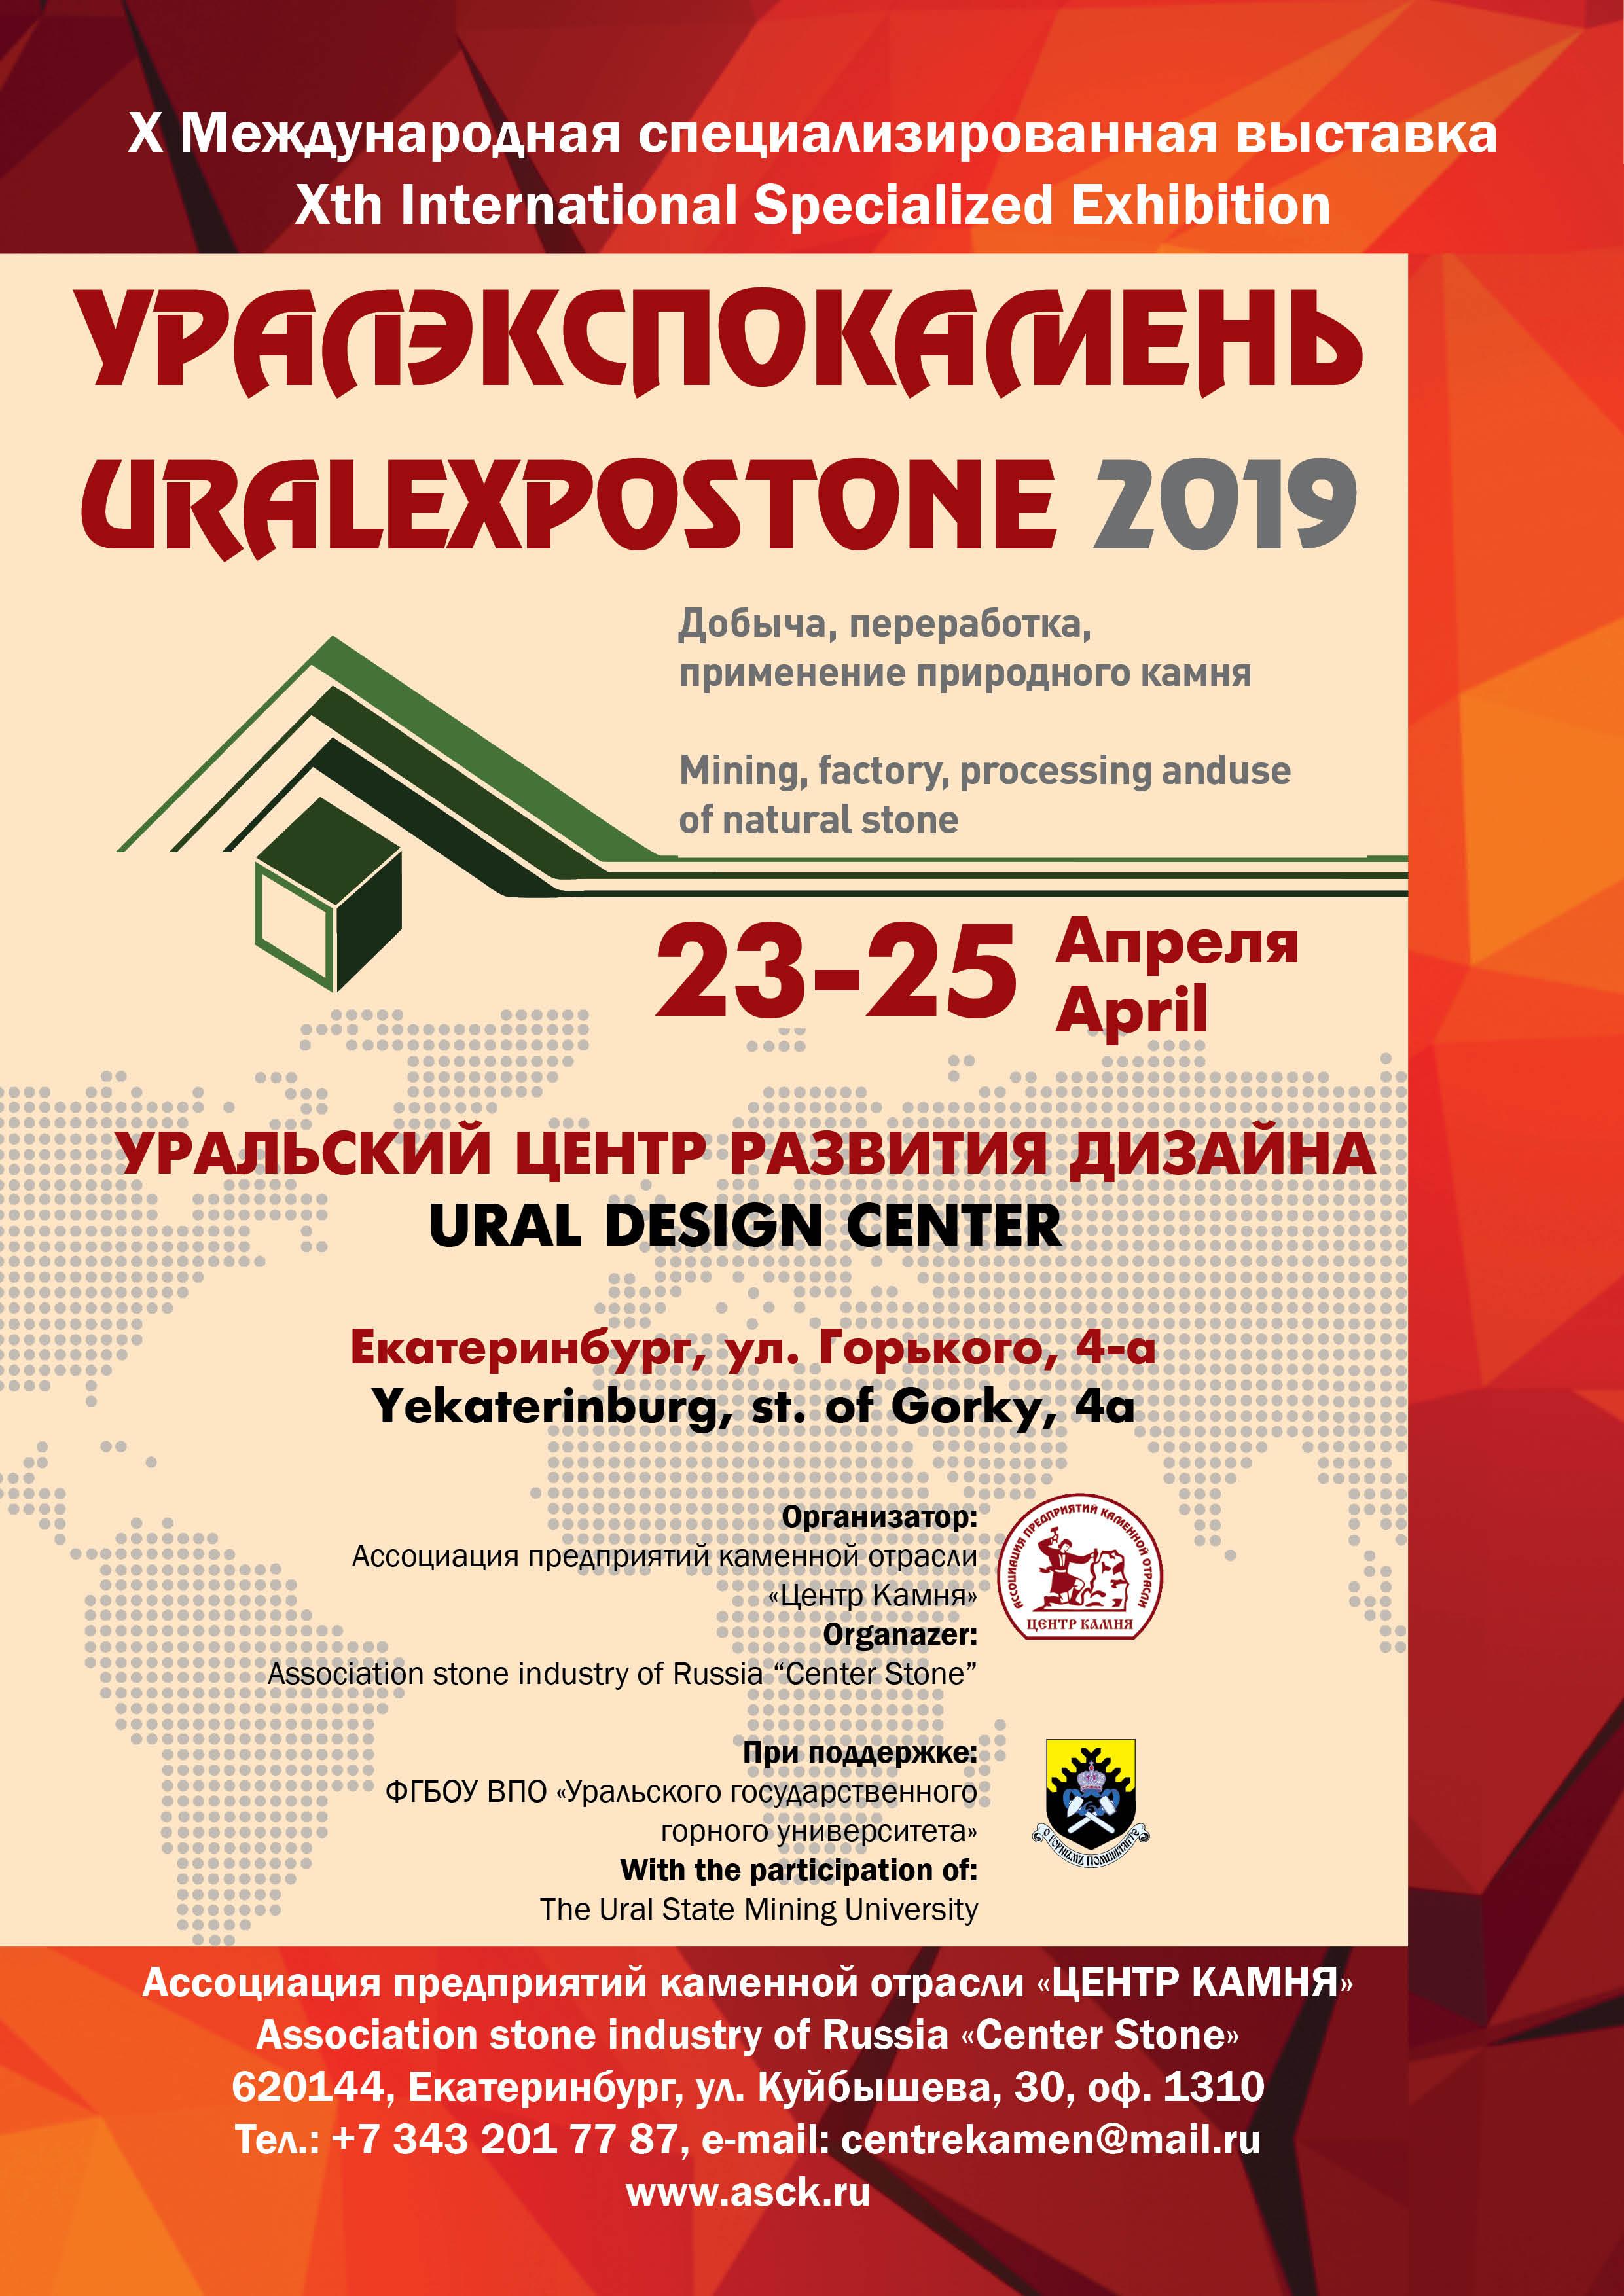 Приглашение на выставку Уралэкспокамень 2019